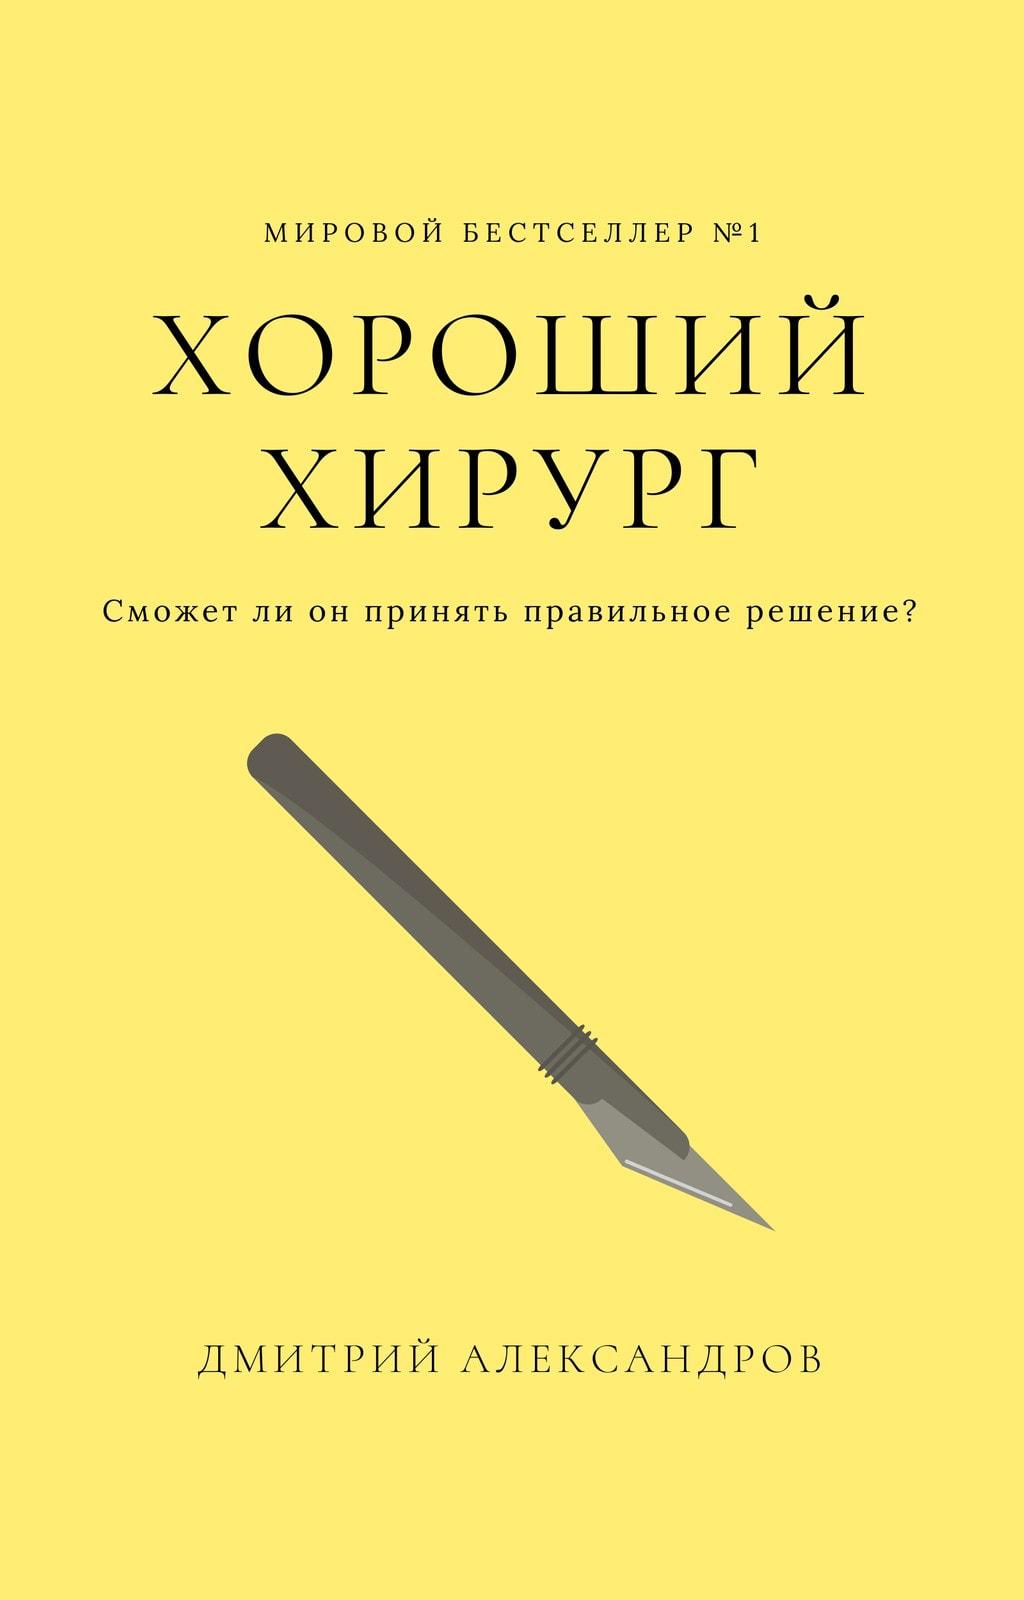 Творческая обложка книги желтого цвета с изображением хирурга